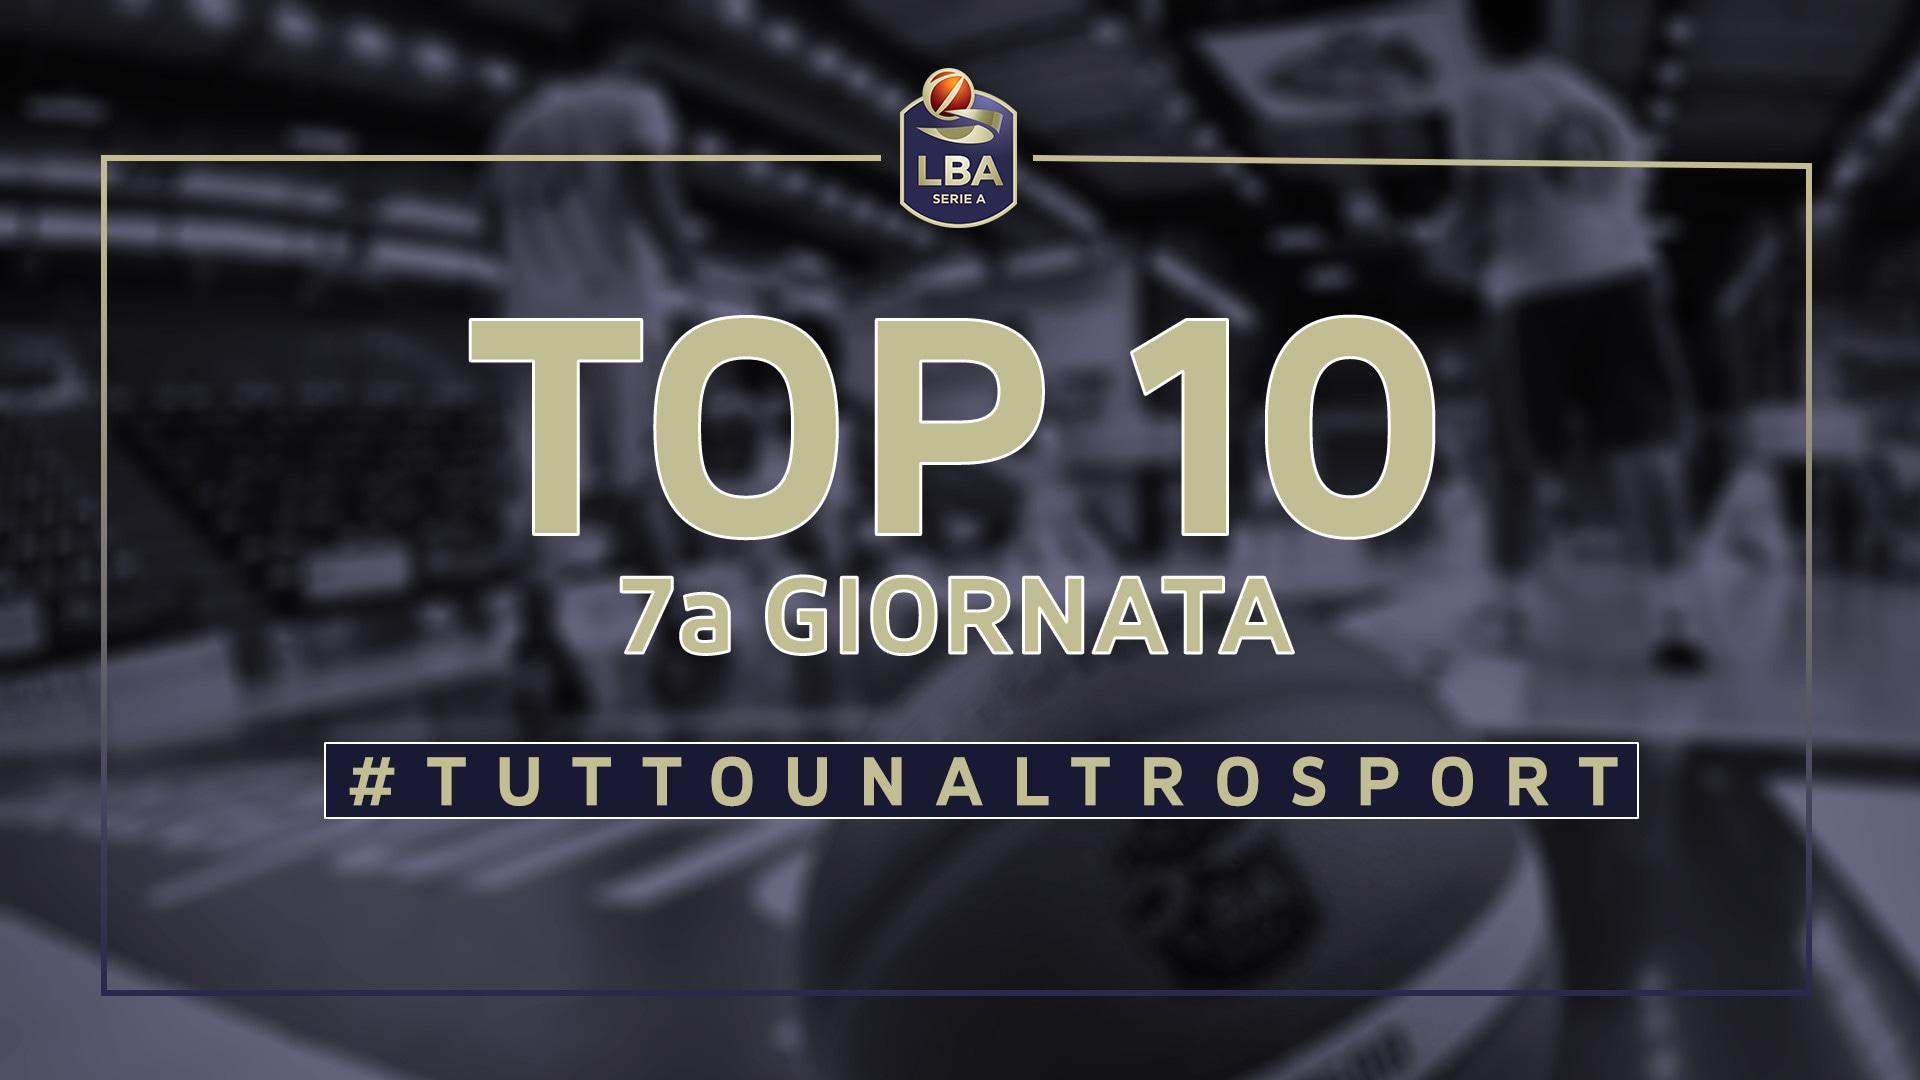 La Top Ten della 7a giornata del campionato LBA